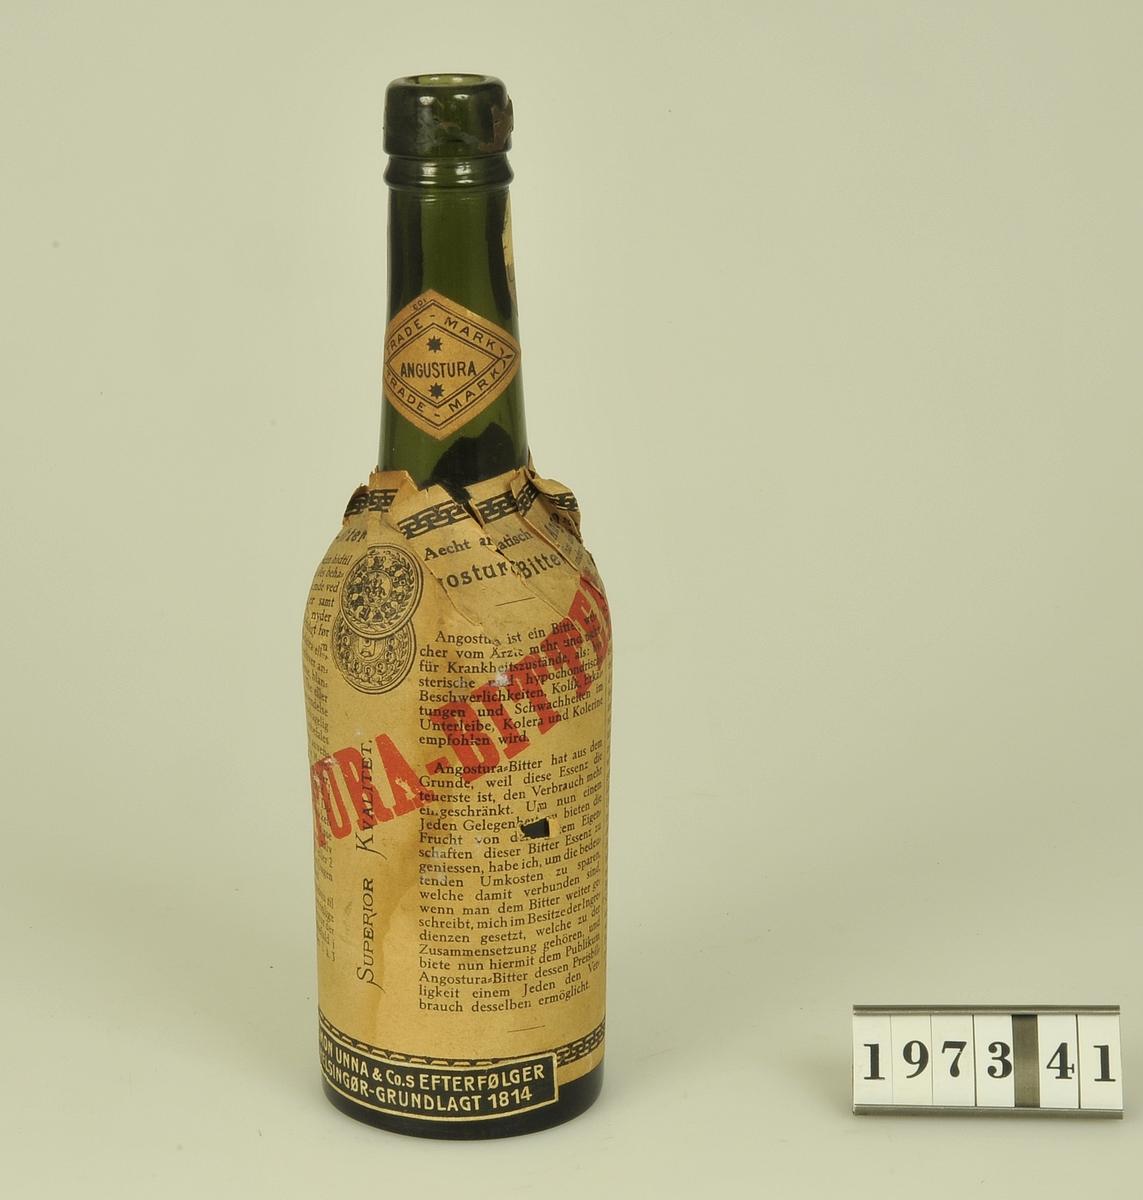 Av grönt glas. Etikett: Angostura-Bitter.              Simon Unna & Co. S Efterfölger.              Helsingör-Grundlagt 1814.